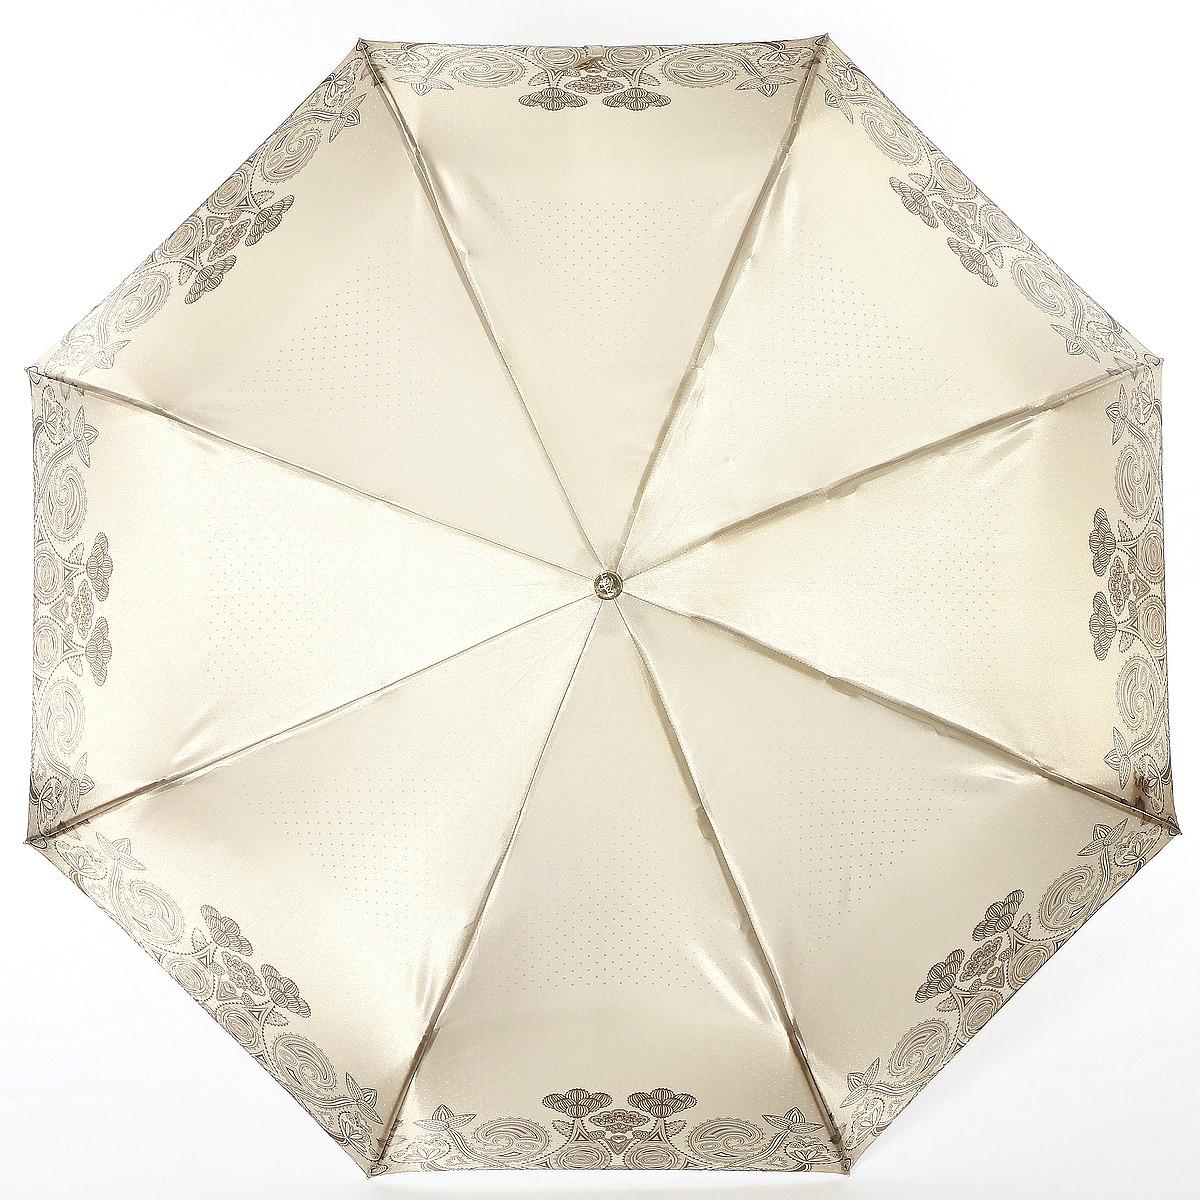 Зонт Trust 32473-1602, бежевый, желтый, кремовый зонт trust 32473 1603 женский полный автомат